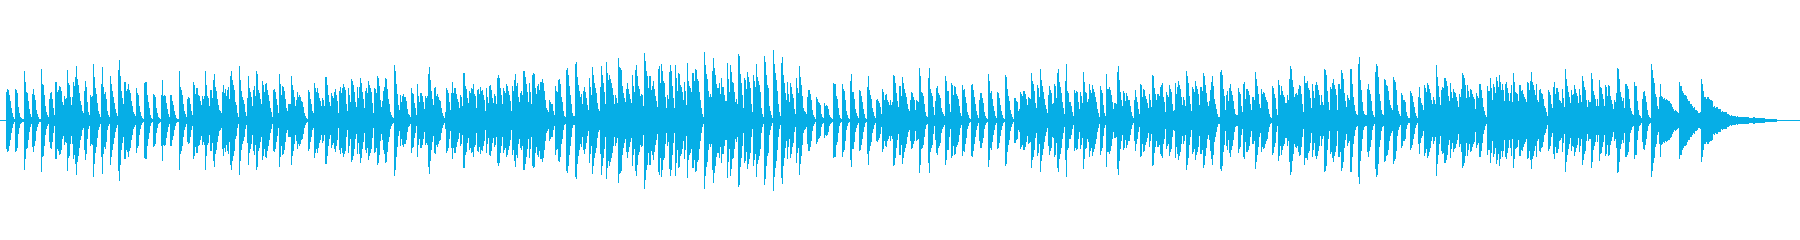 かわいくてほのぼのしたピアノソロBGMの再生済みの波形